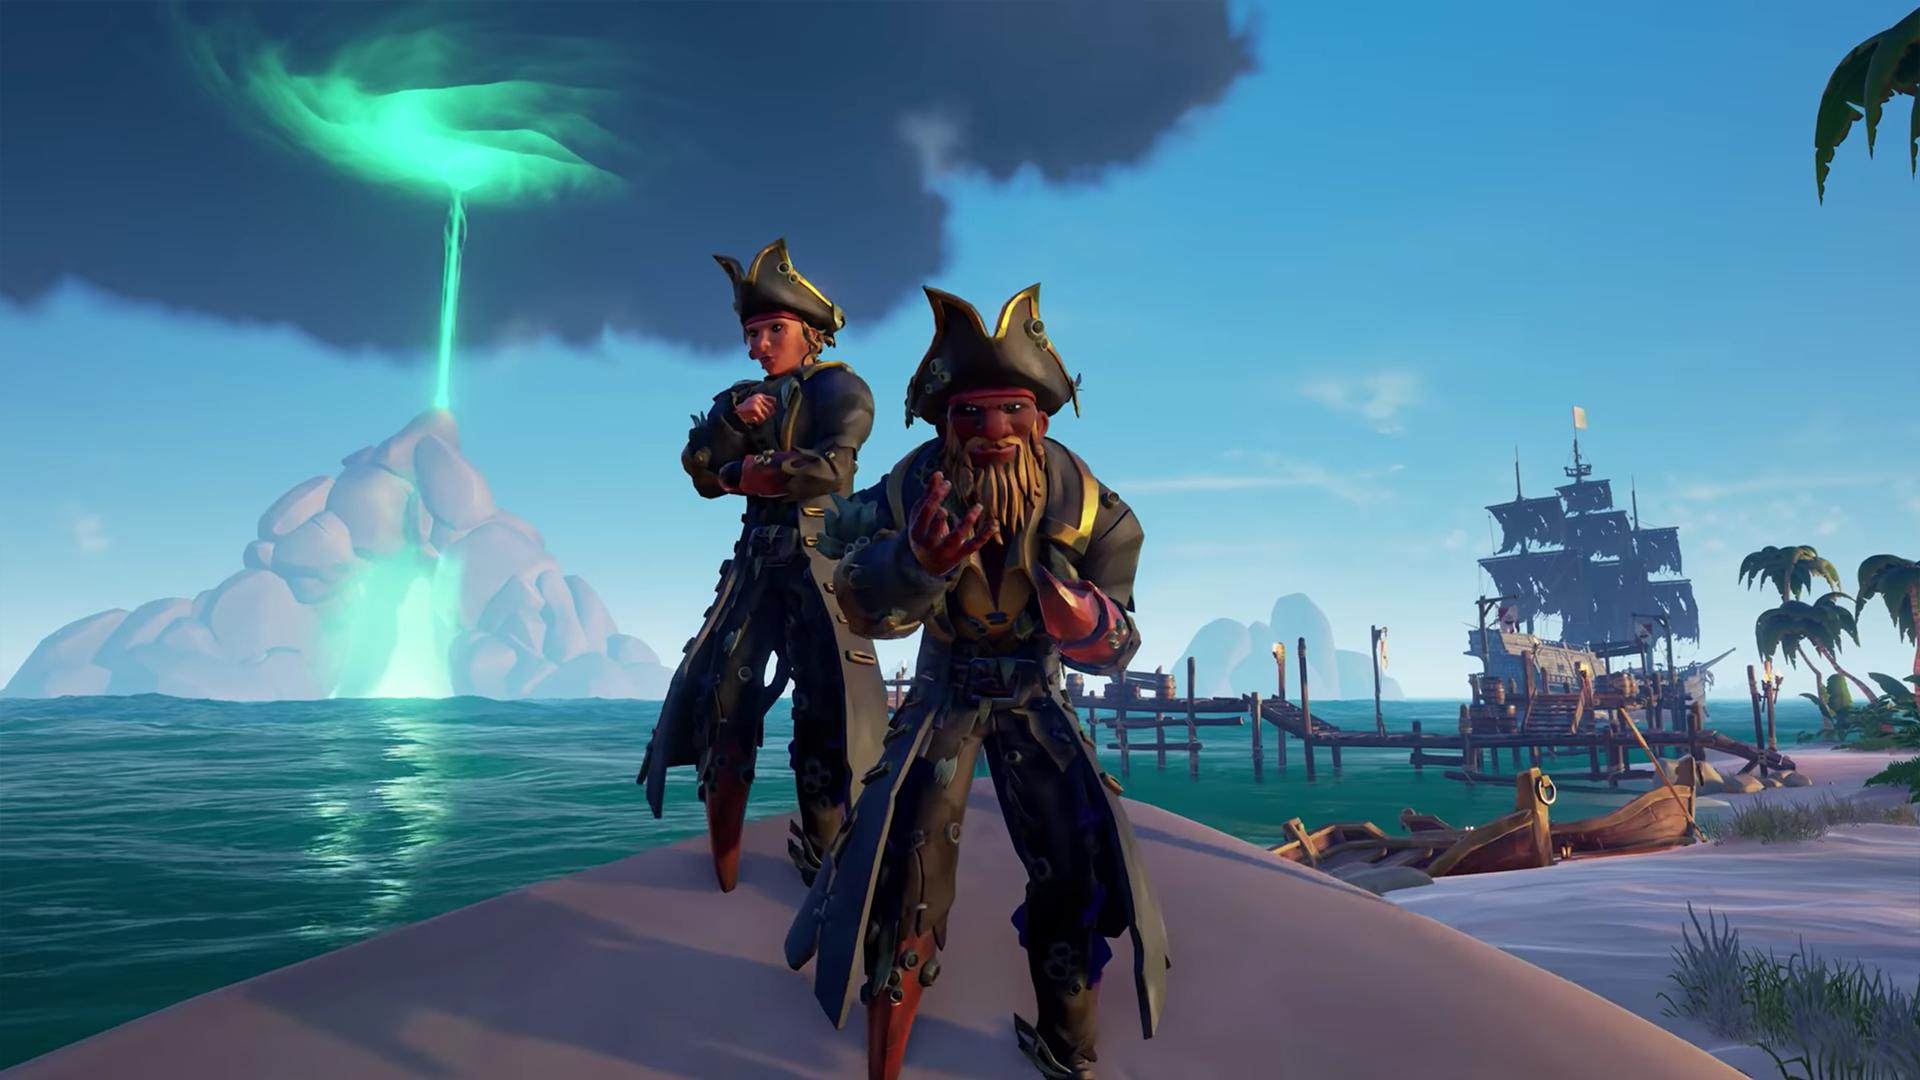 Davy Jones Costumes